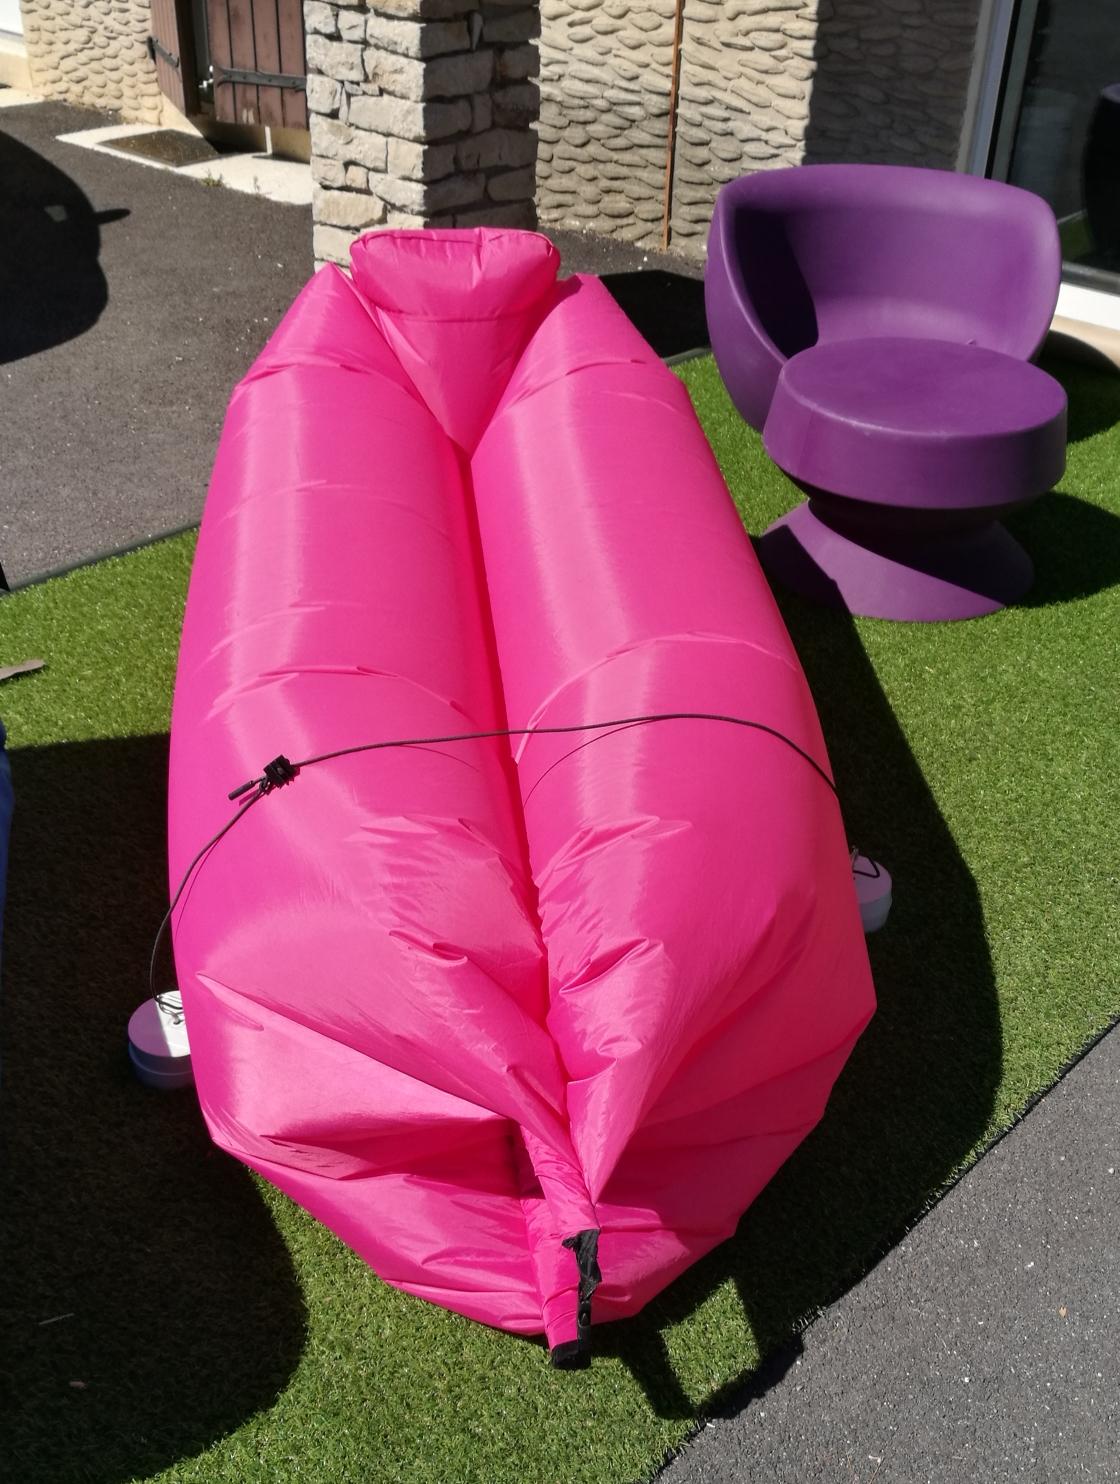 Hamac gonflable   de la détente au bord de la piscine ! - Actualités ... b4cd7b426dc0